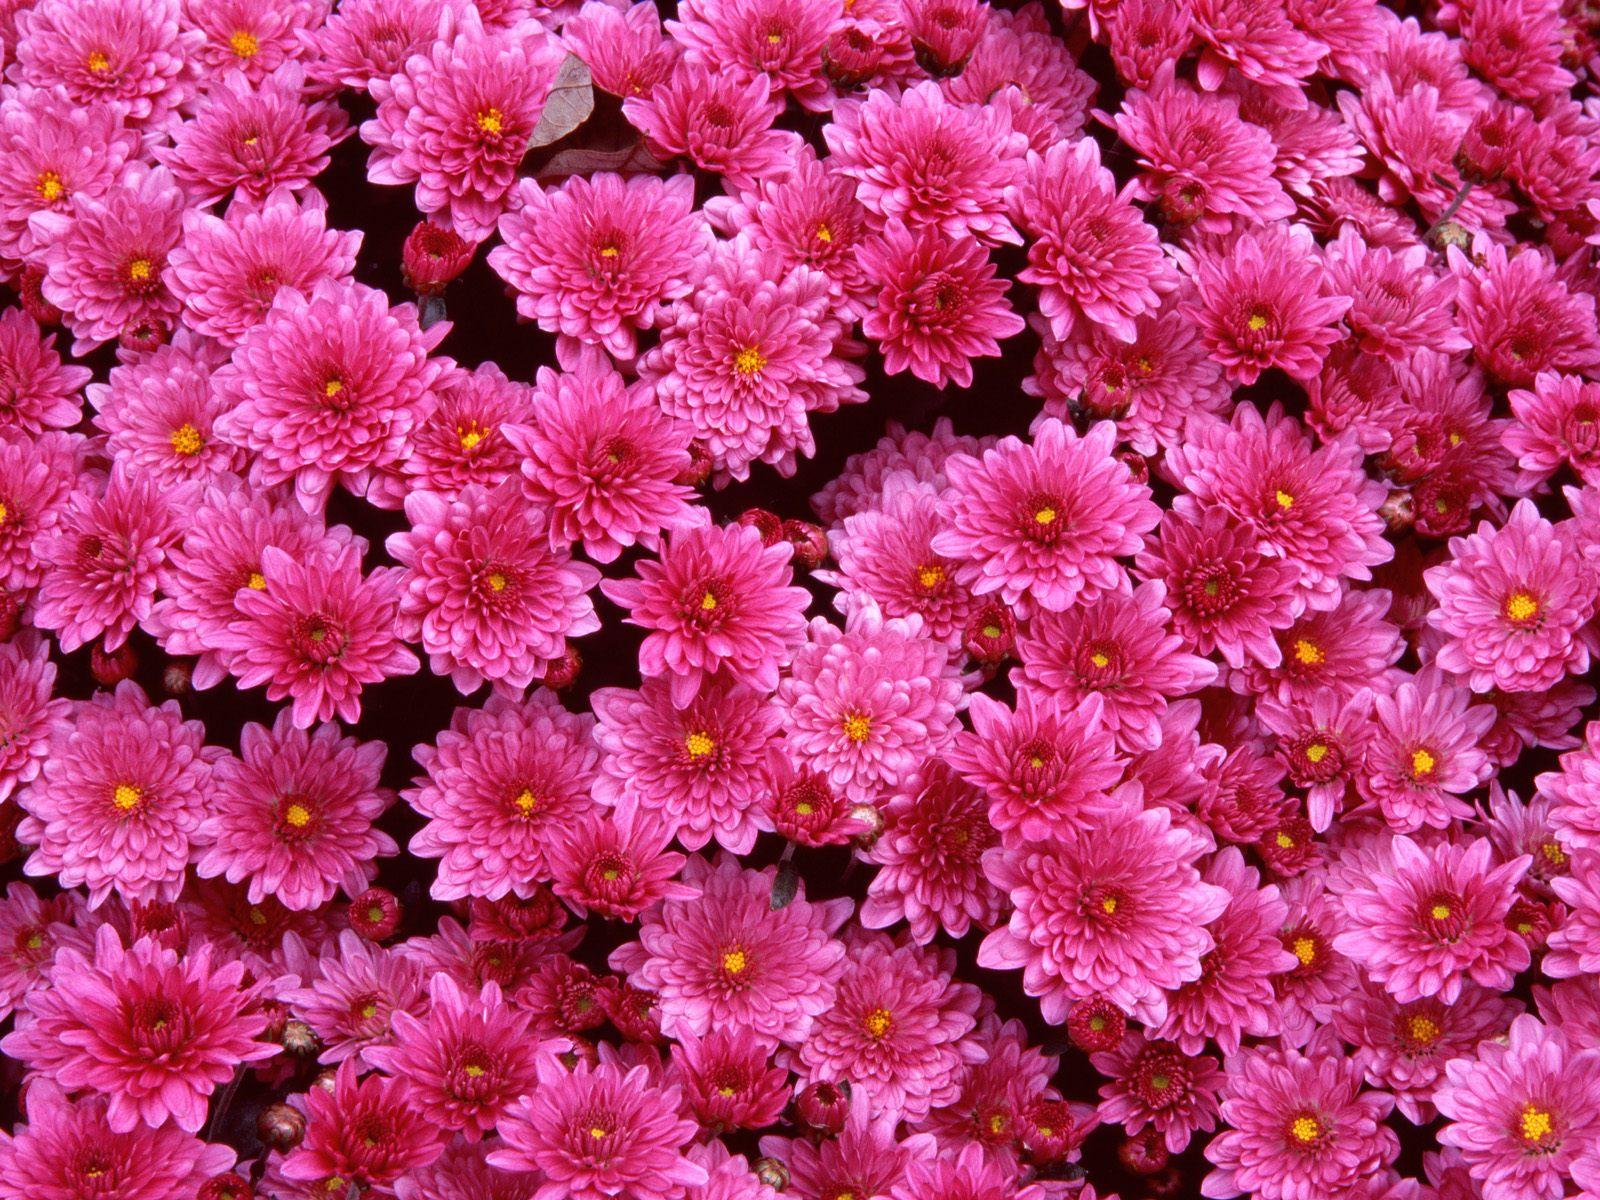 Wallpaper Gambar Bunga Pink Beautiful Flowers